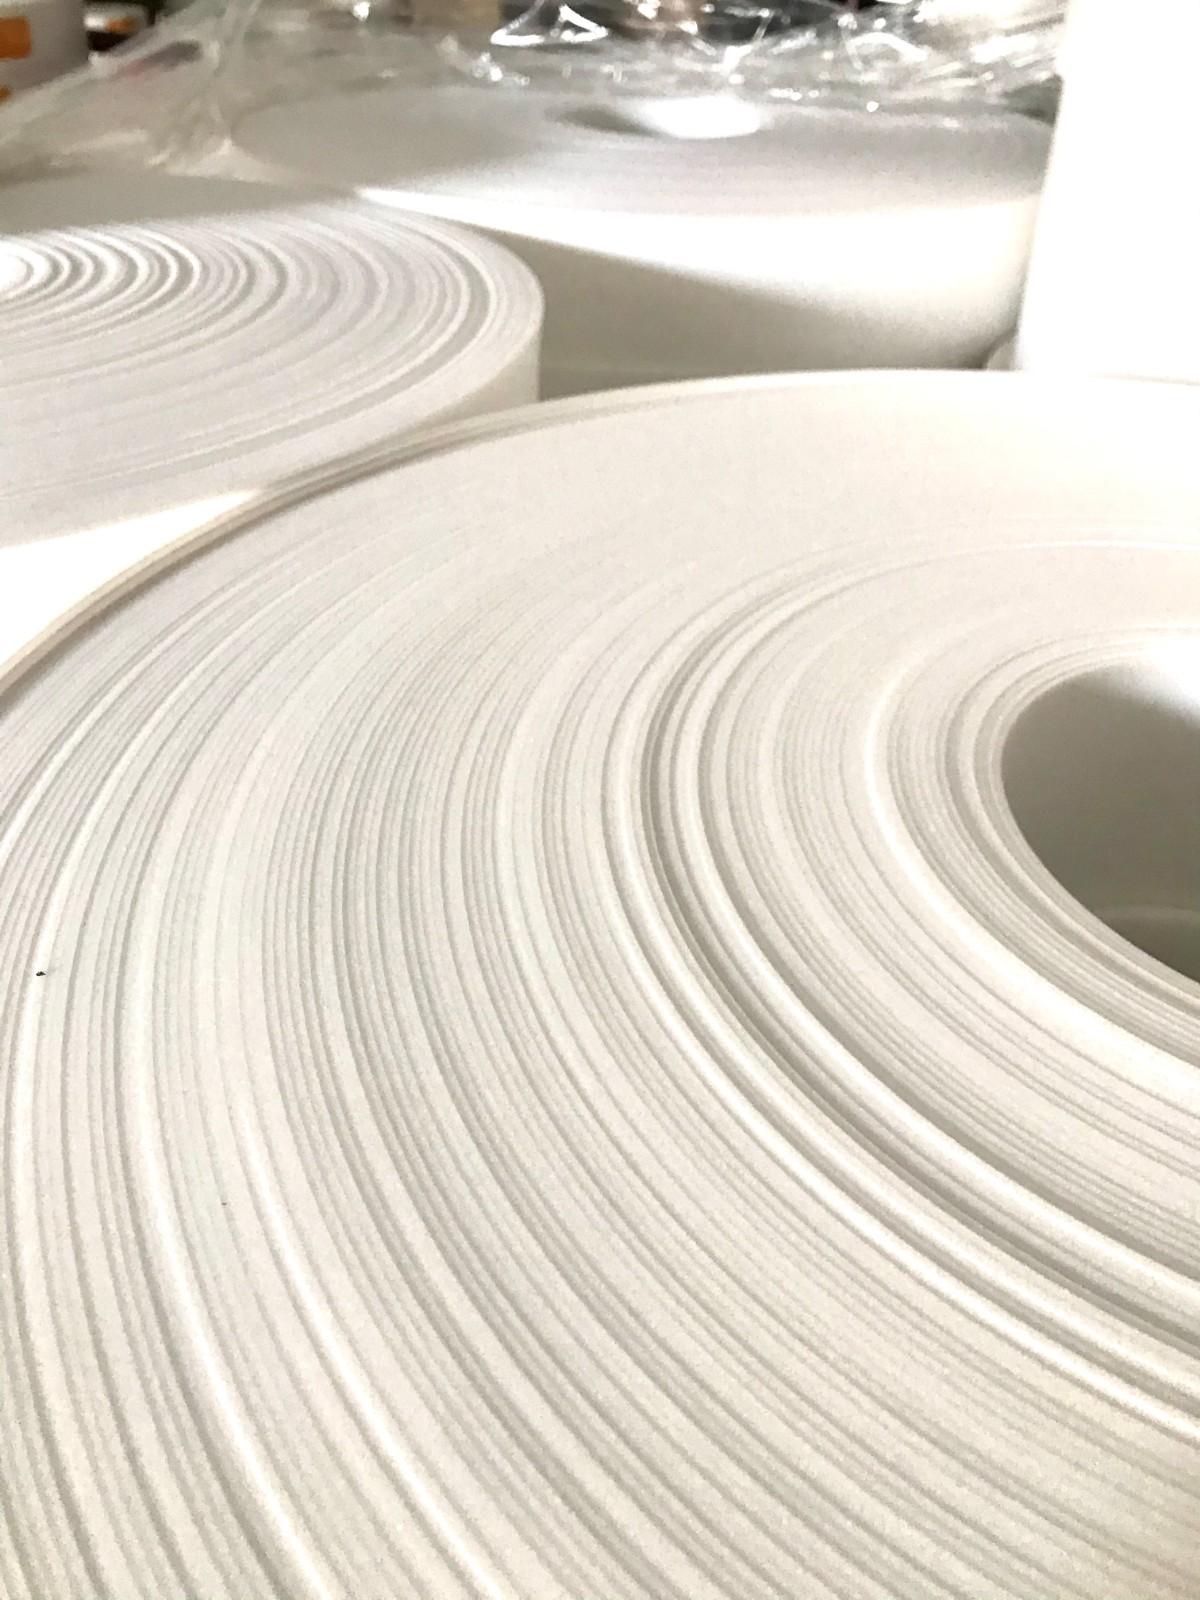 片材厂家 塑料垫片片材